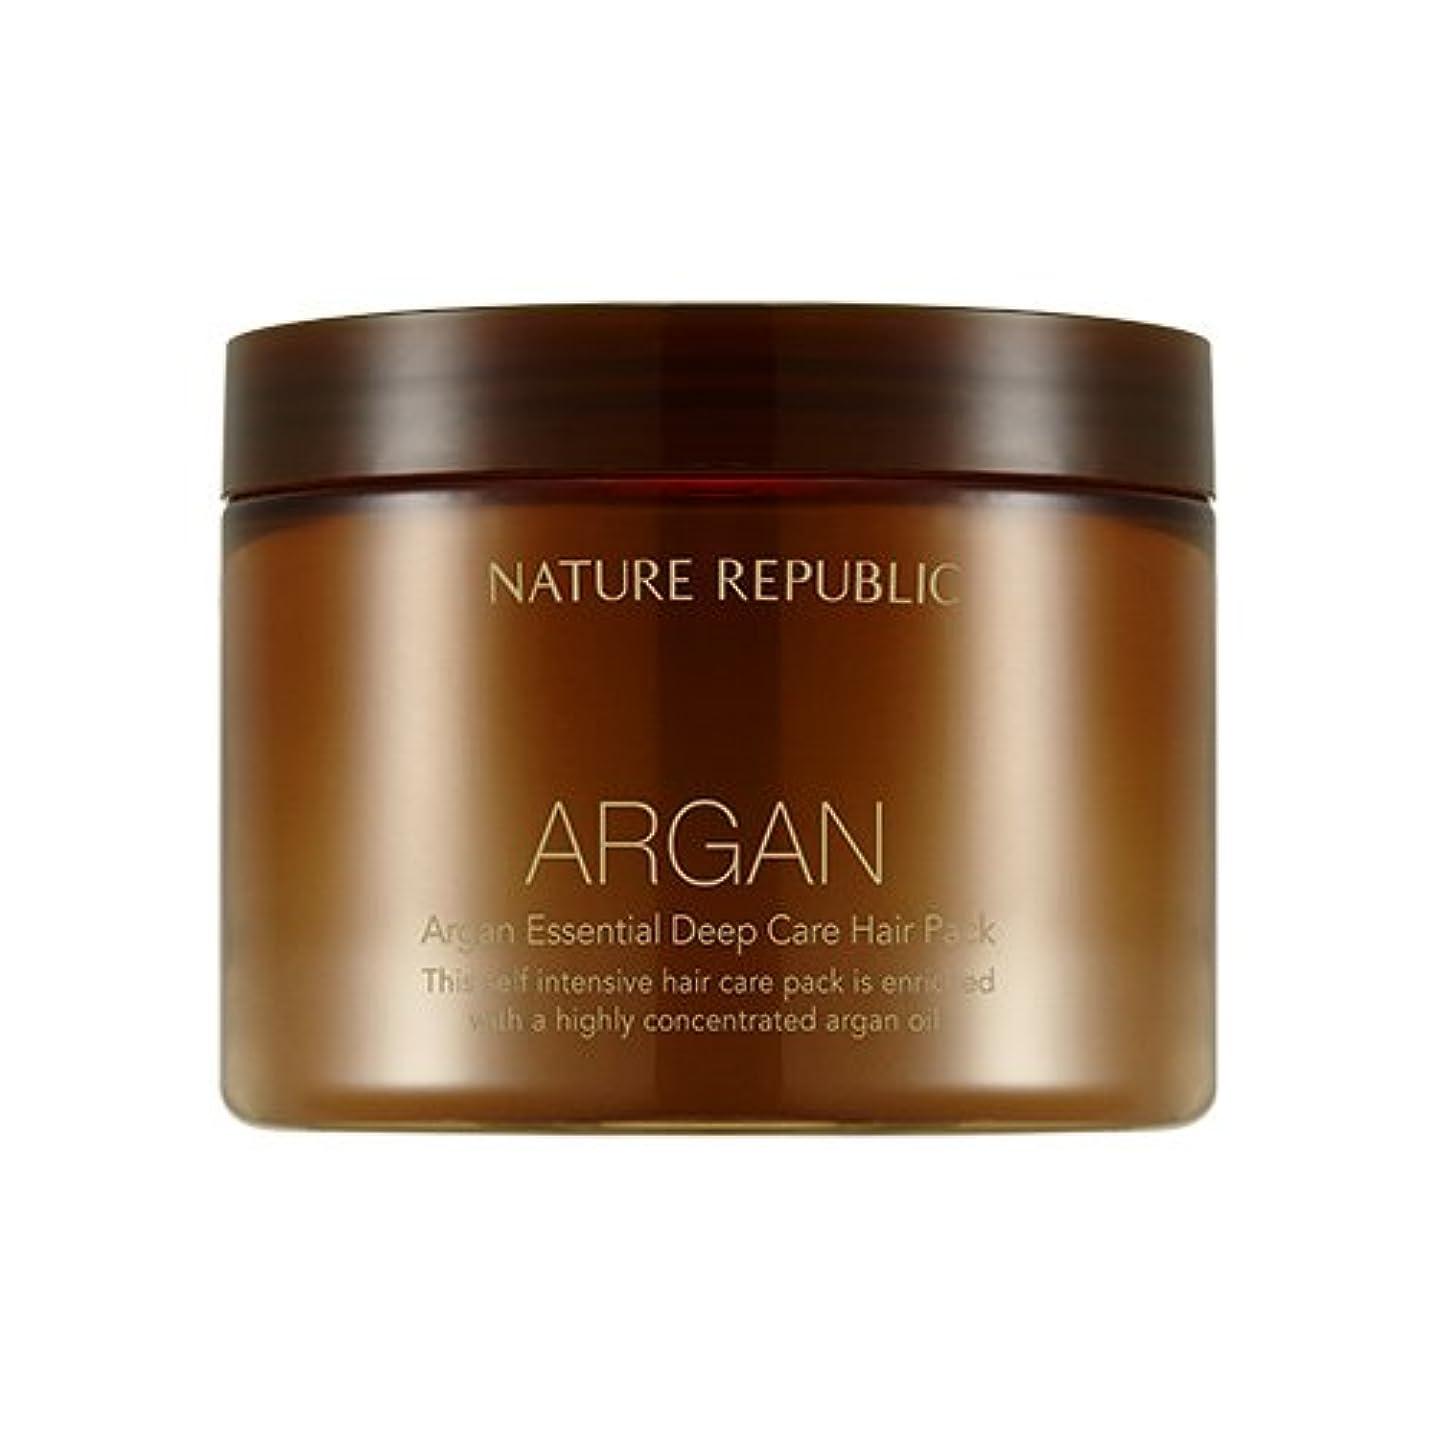 確認する咳ピルファーNATURE REPUBLIC Argan Essential Deep Care Hair Pack 470ml ネイチャーリパブリック アルガンエッセンシャルディープケアヘアパック 470ml [並行輸入品]